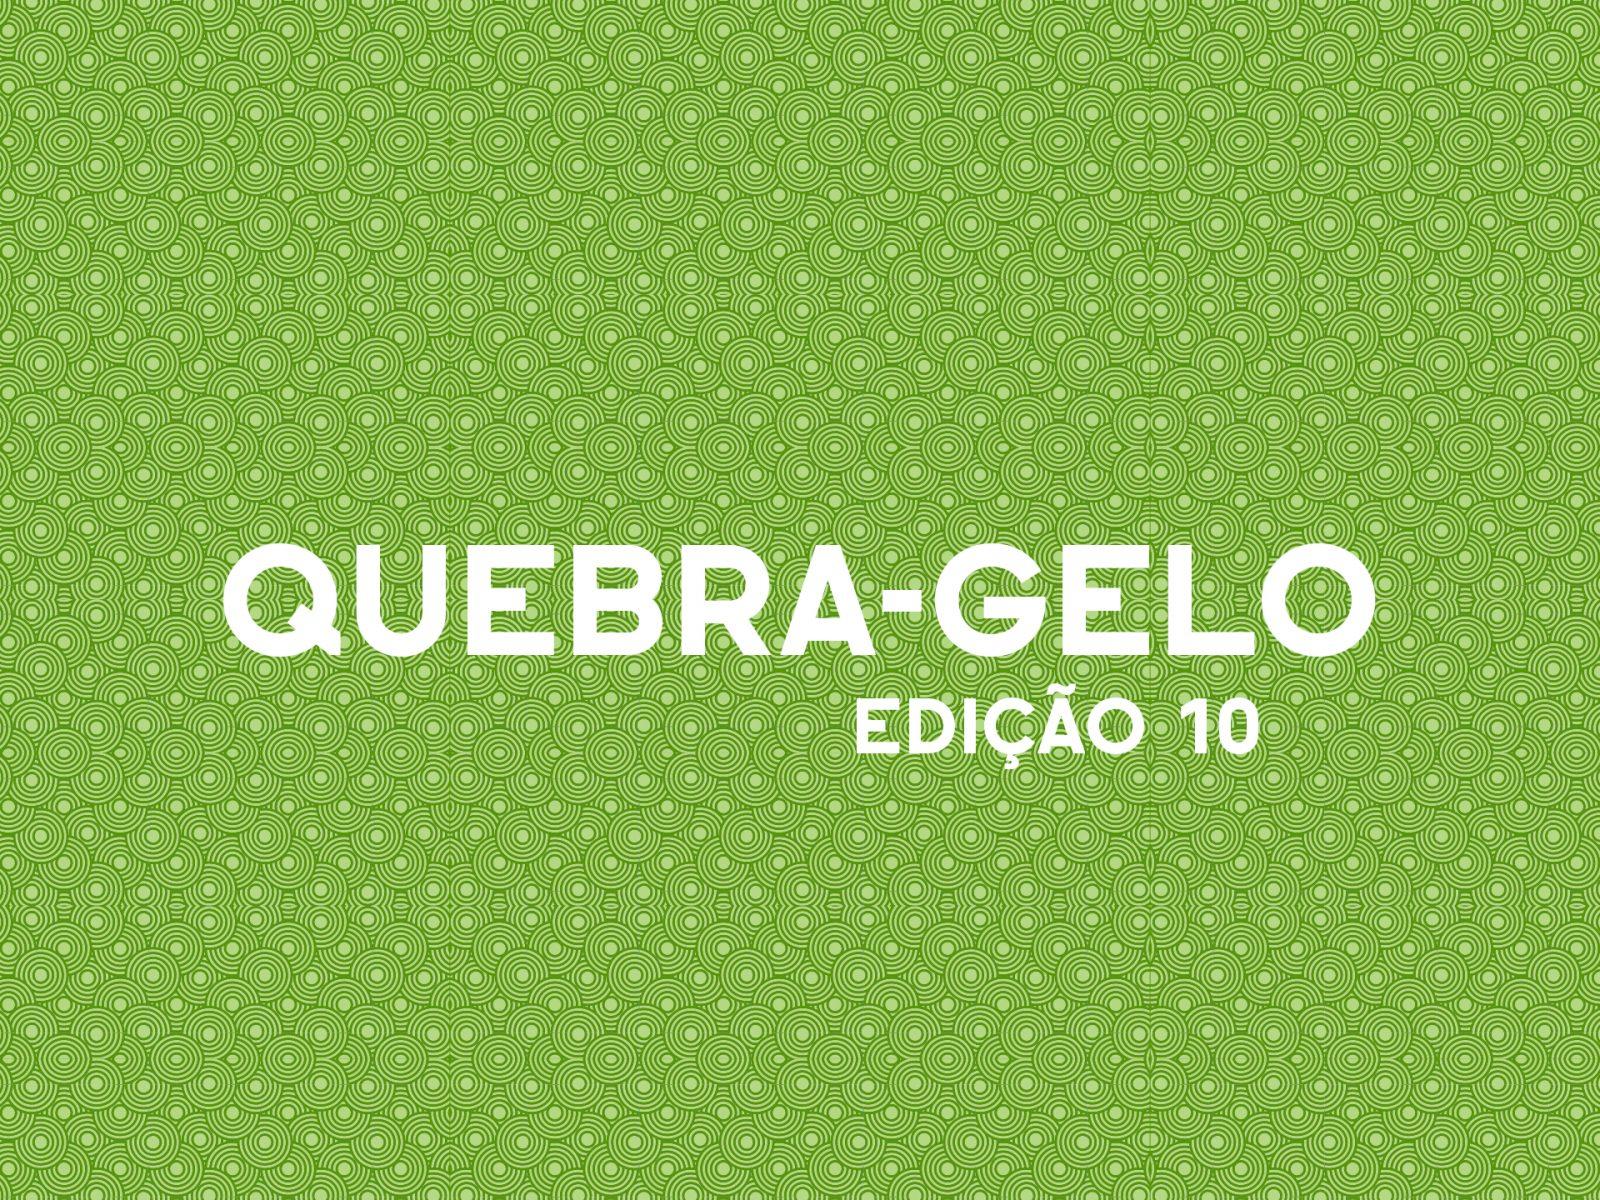 quebra_gelo_gerador_edição_10